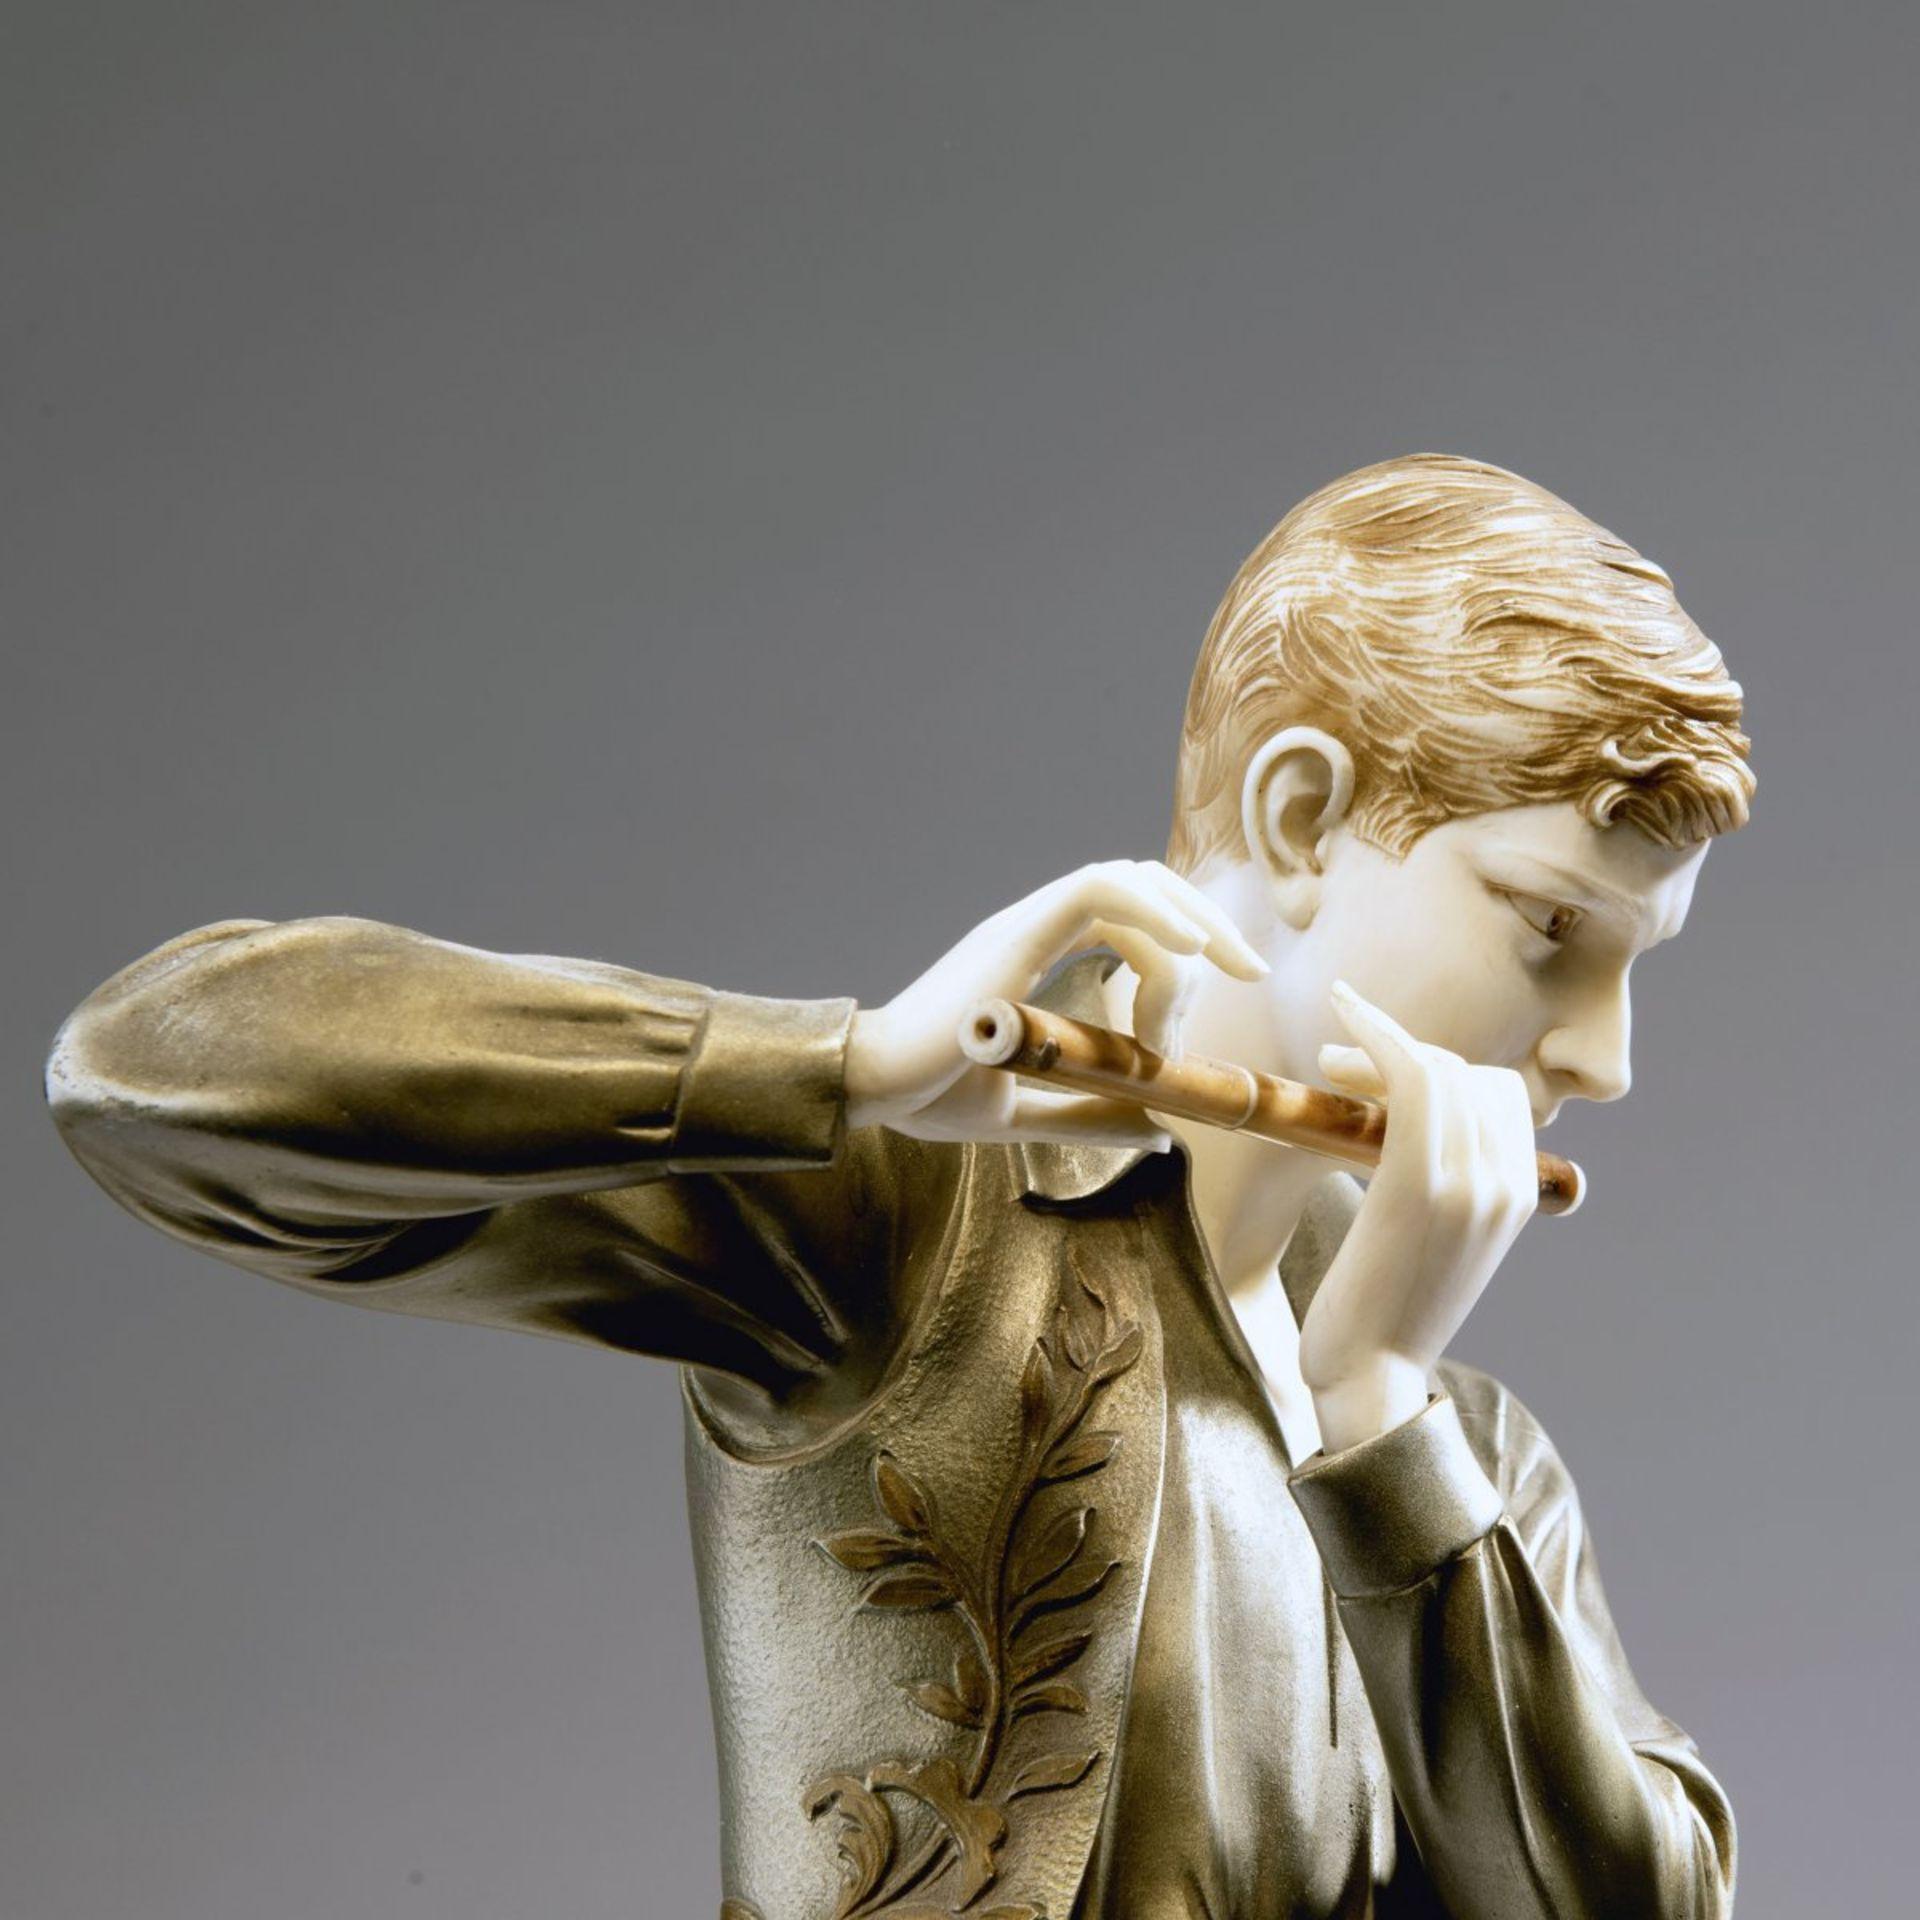 Ferdinand Preiss, 'Flötenspieler', um 1930 - Bild 12 aus 15